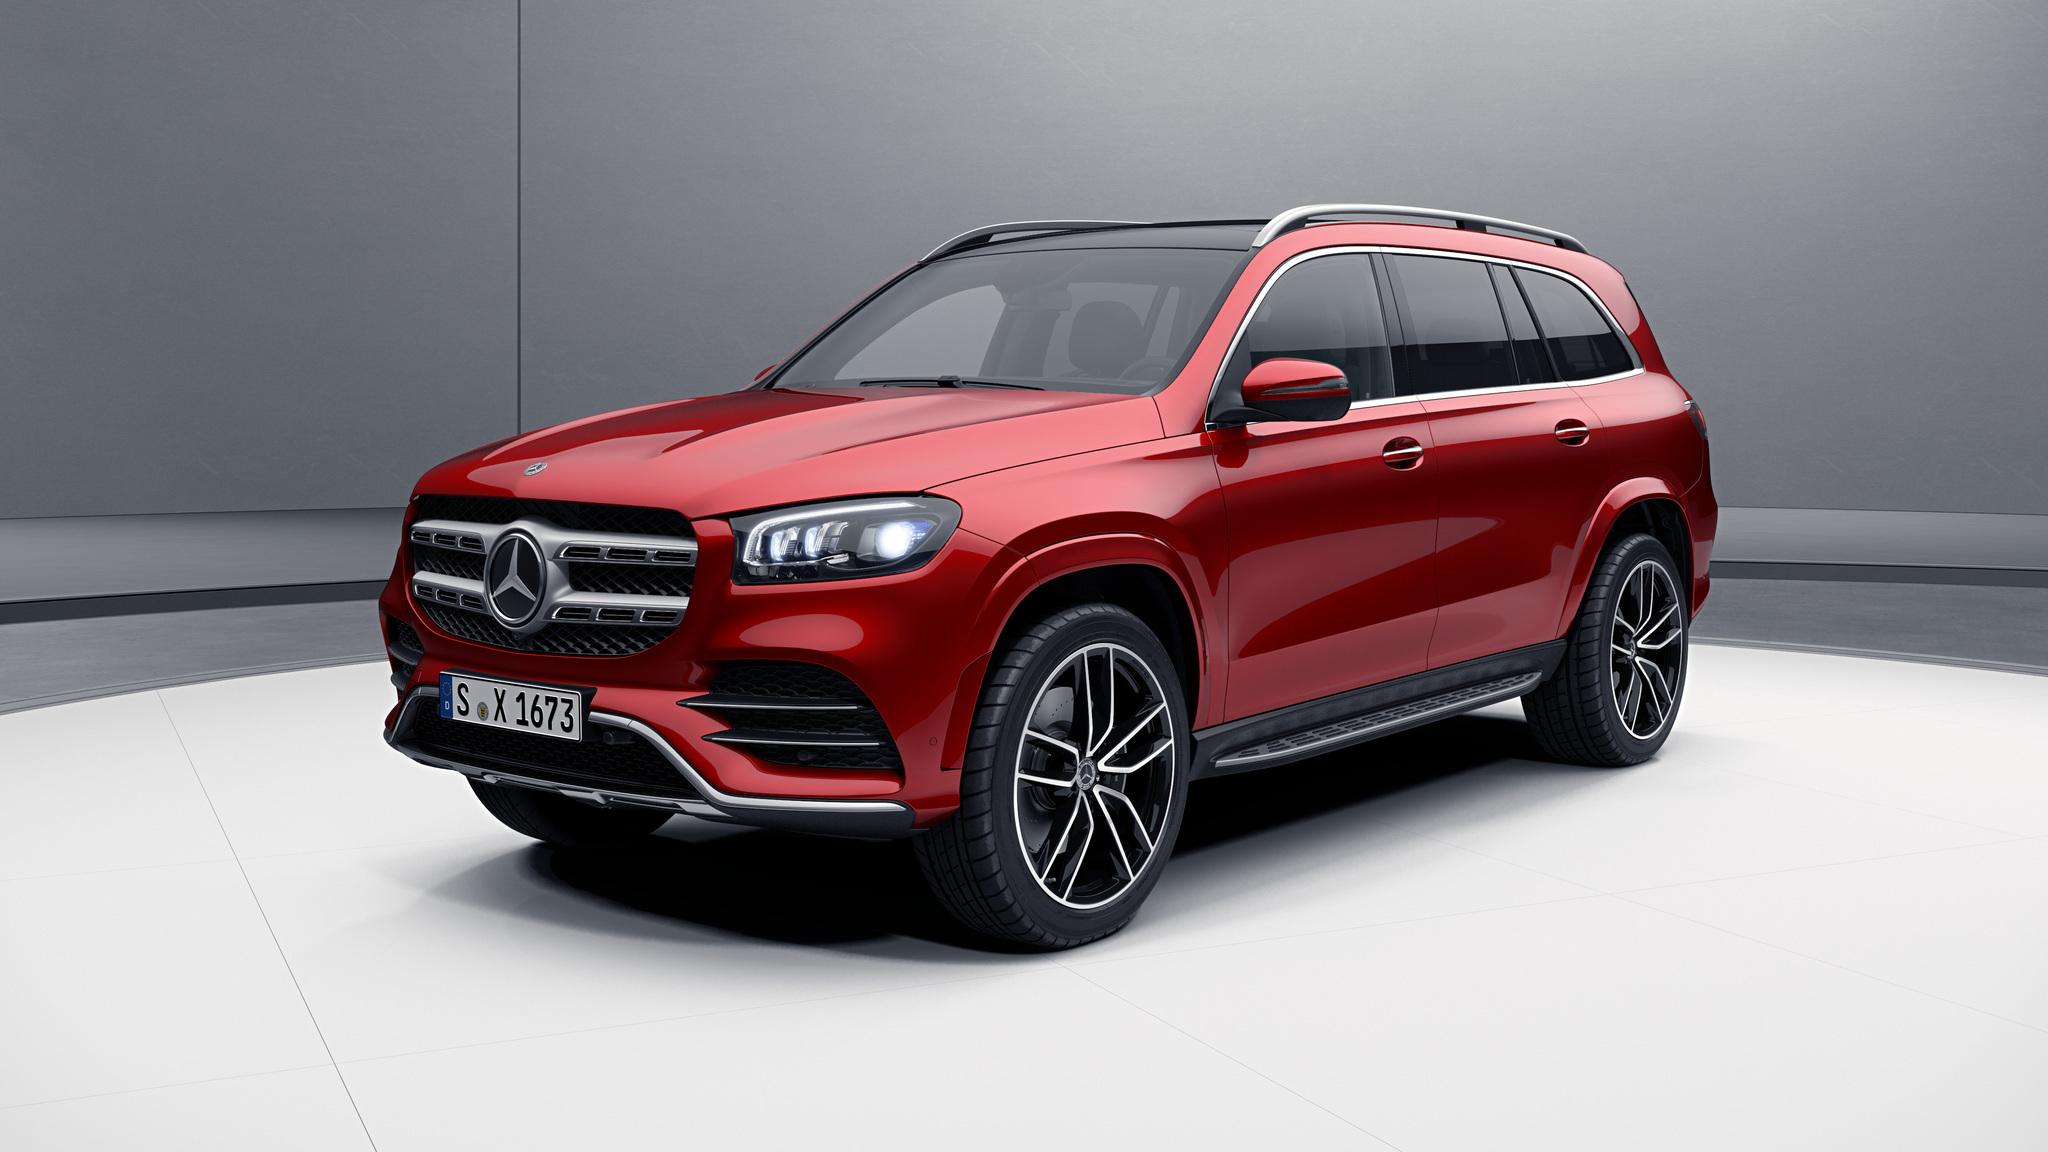 Vue de trois quarts de profil de la Mercedes-Benz GLS designo - rouge jacinthe métallisé